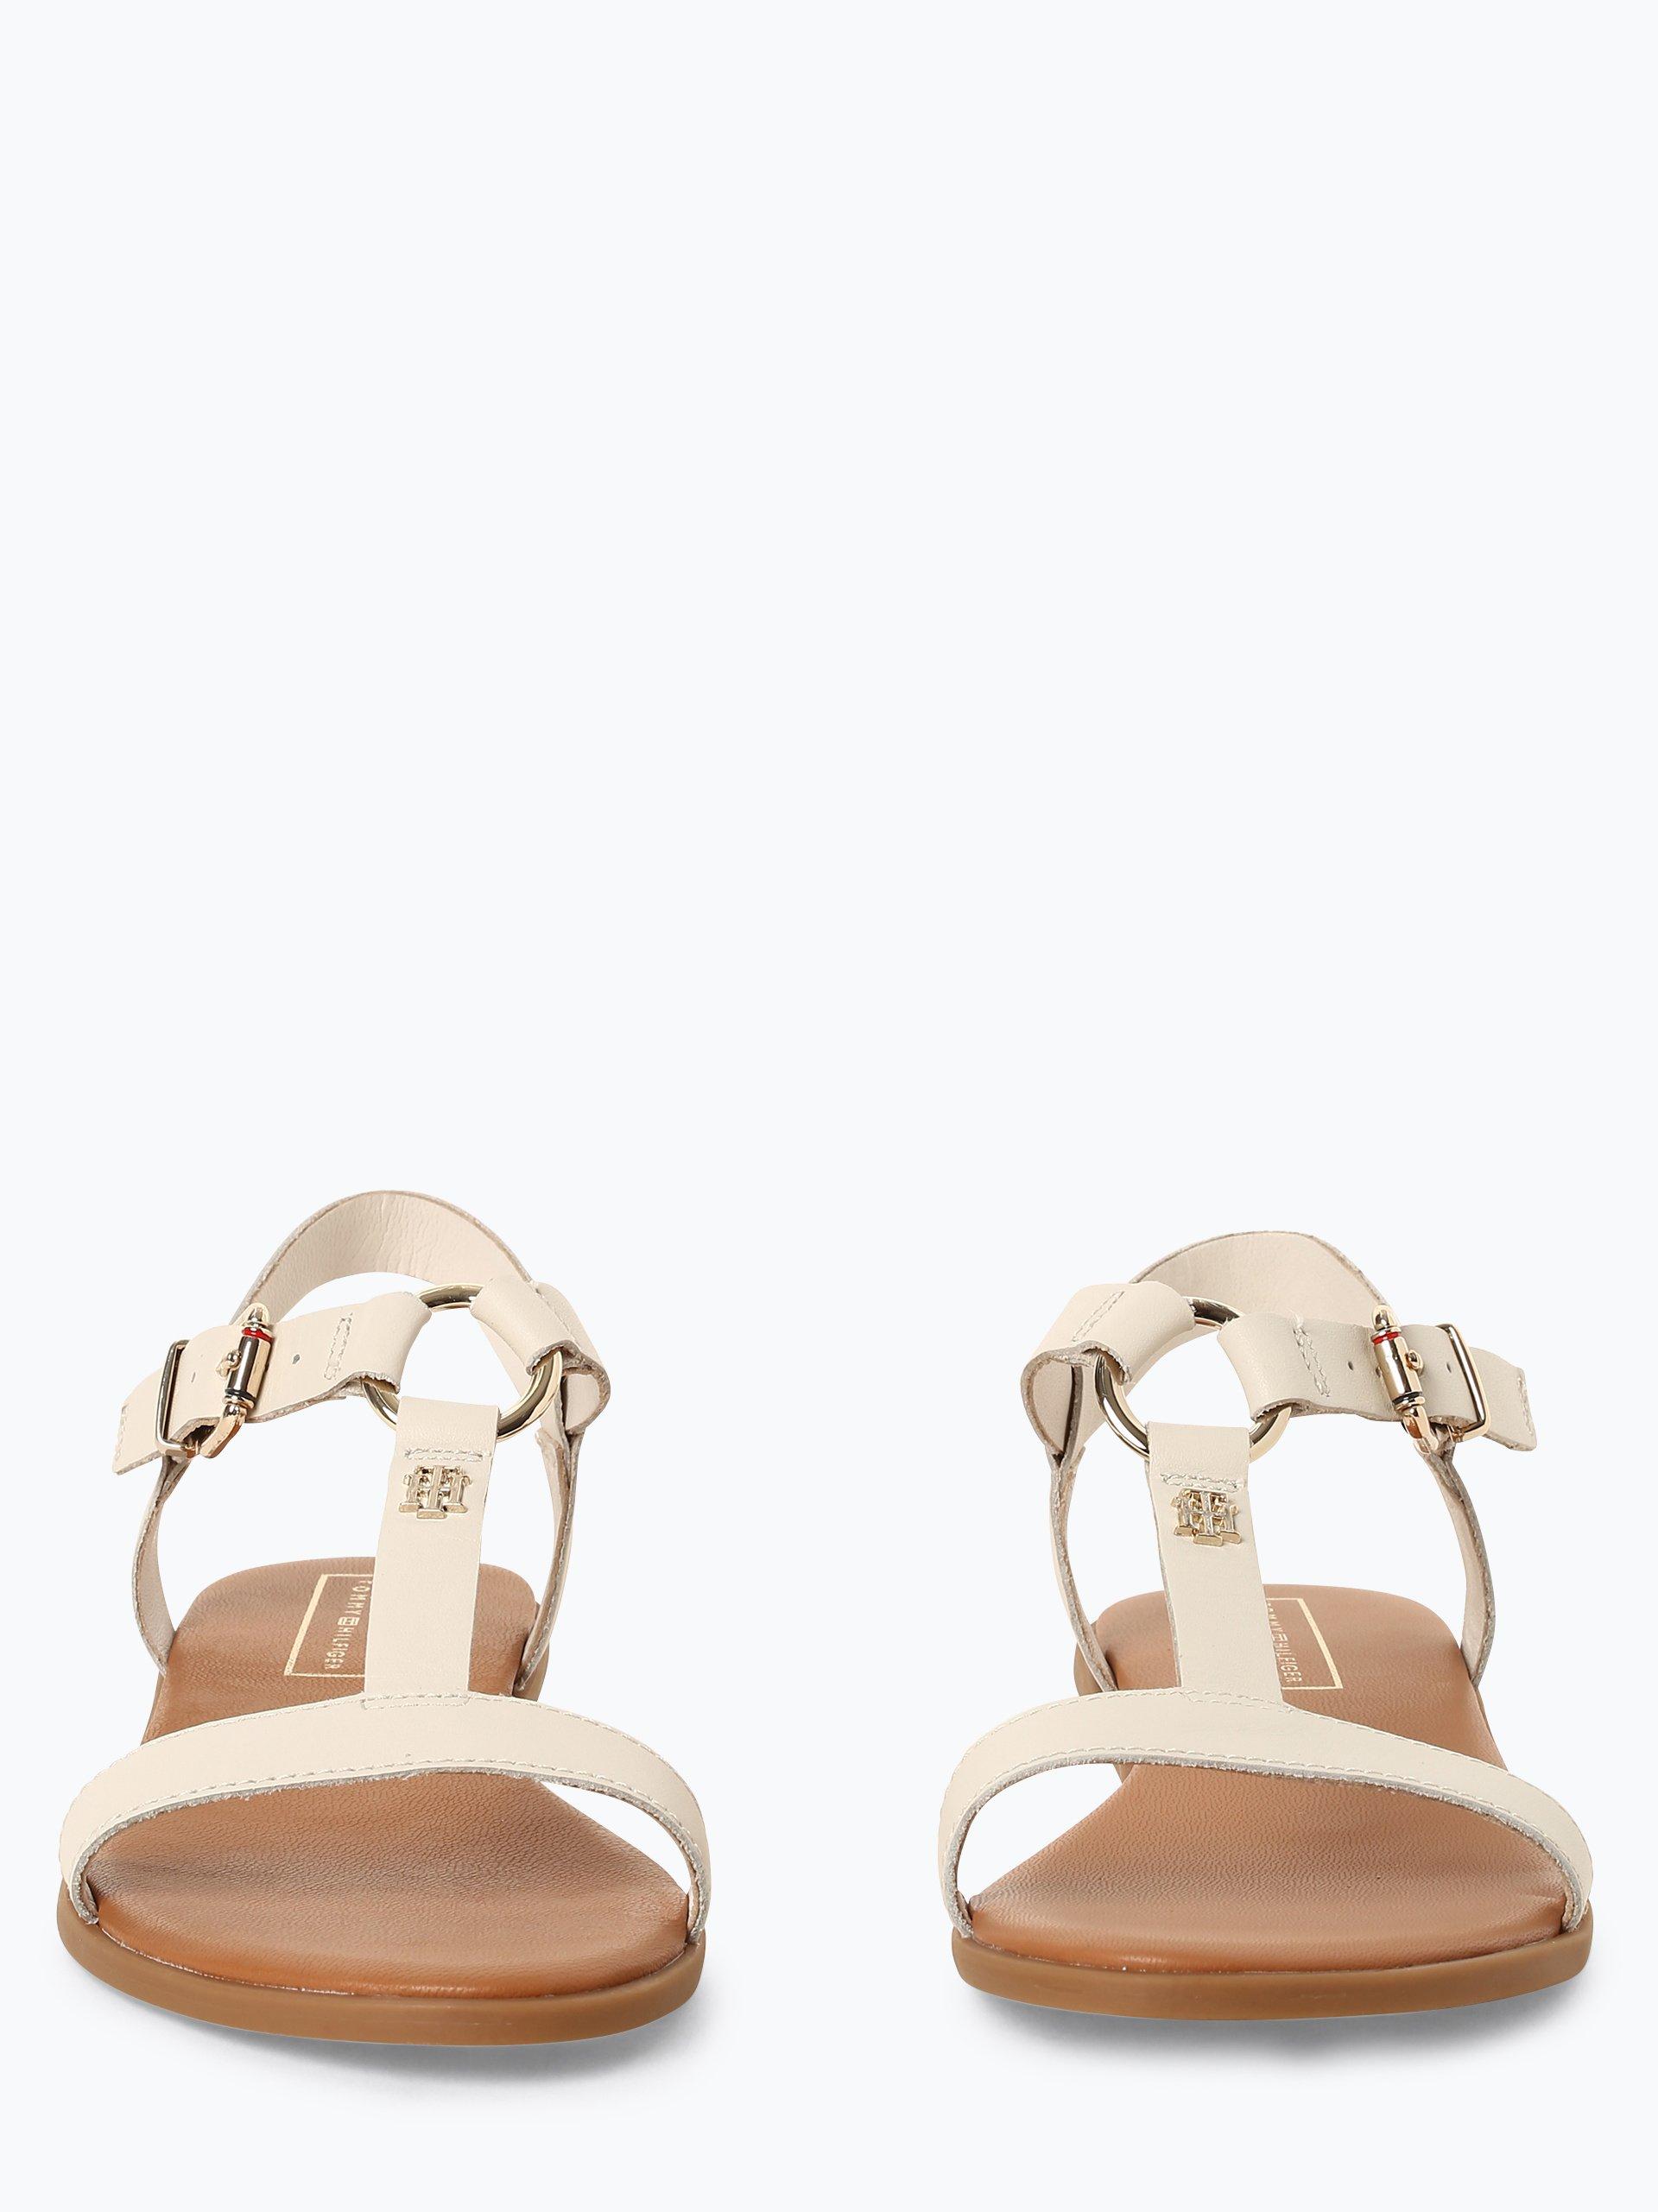 Tommy Hilfiger Damen Sandalen aus Leder